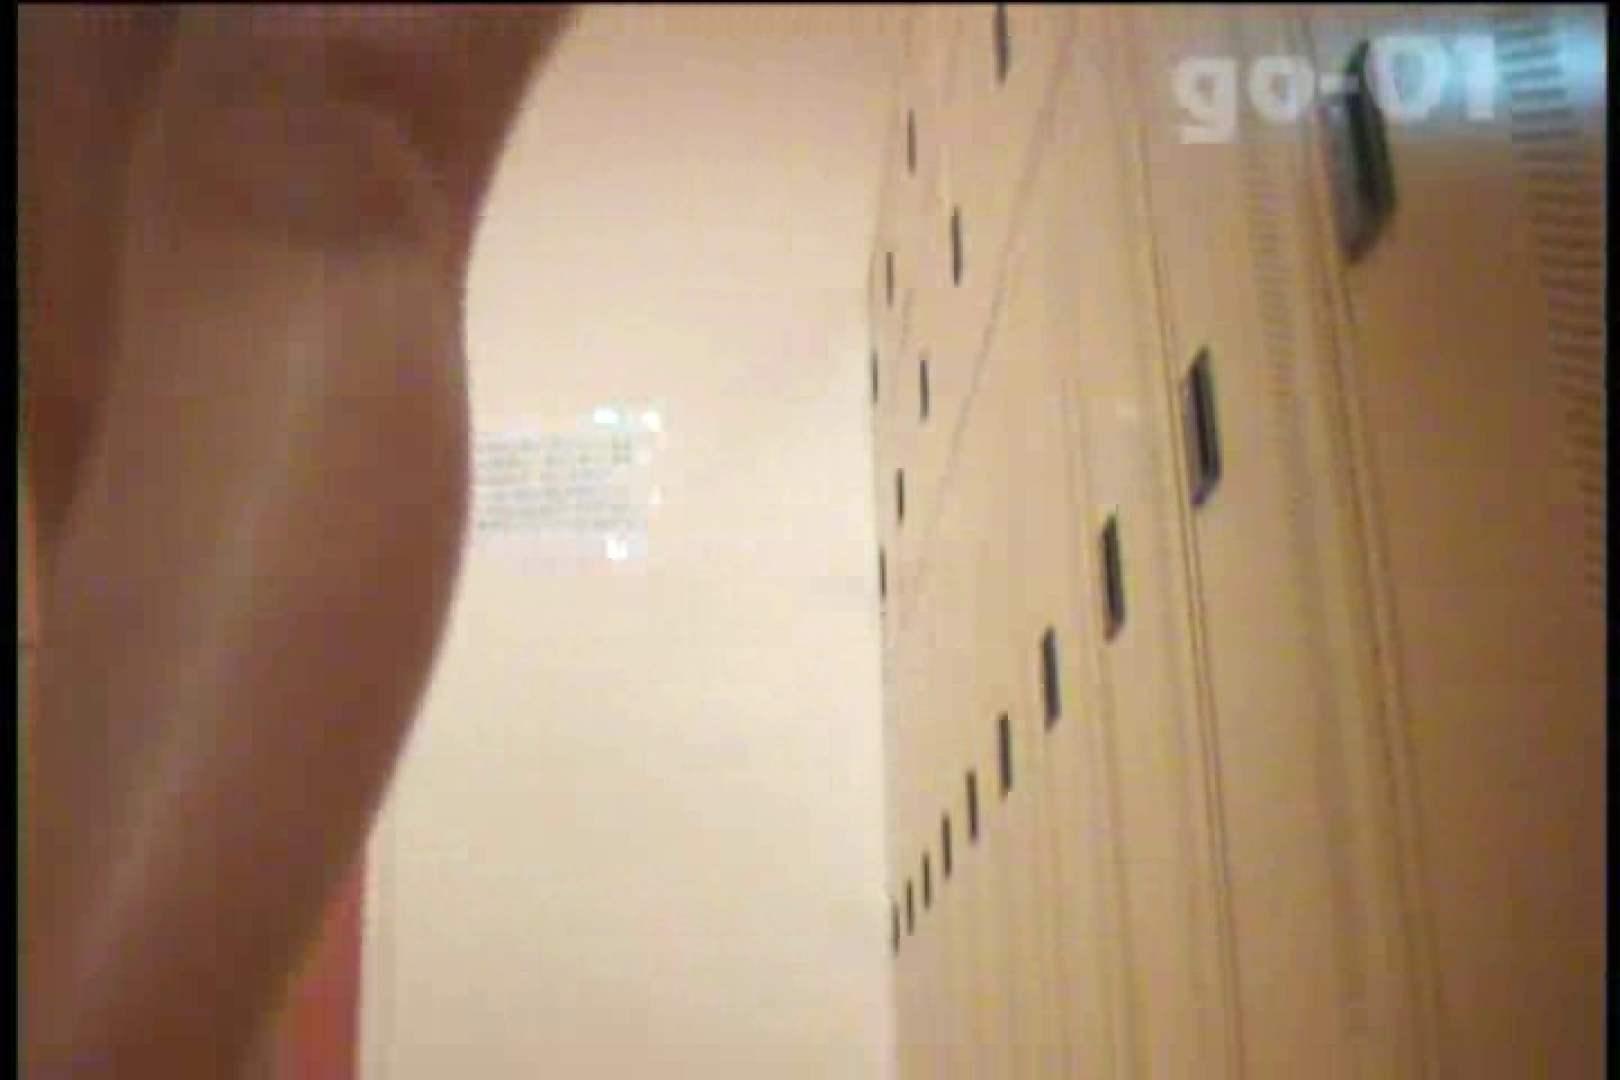 電波カメラ設置浴場からの防HAN映像 Vol.01 女湯の中 セックス無修正動画無料 19画像 7